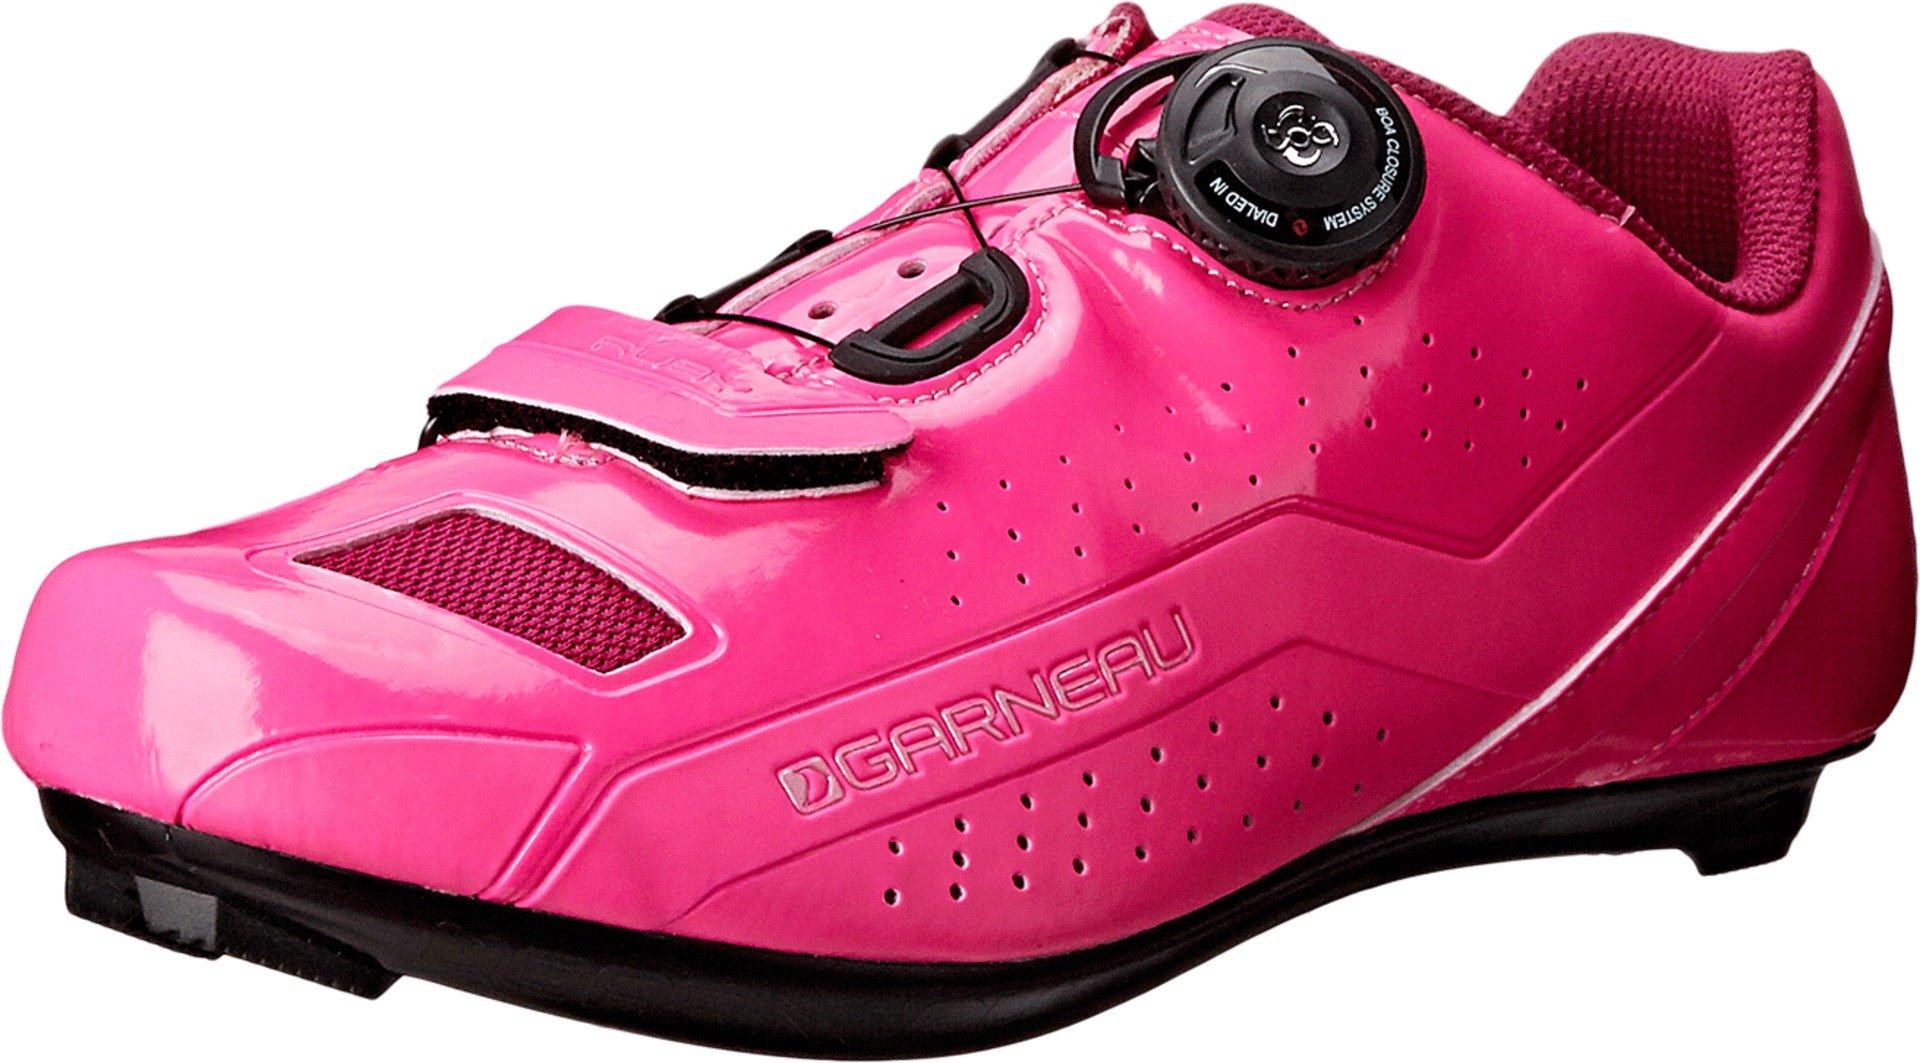 Louis Garneau Women's Ruby Cycling Shoes, Pink Glow, 38